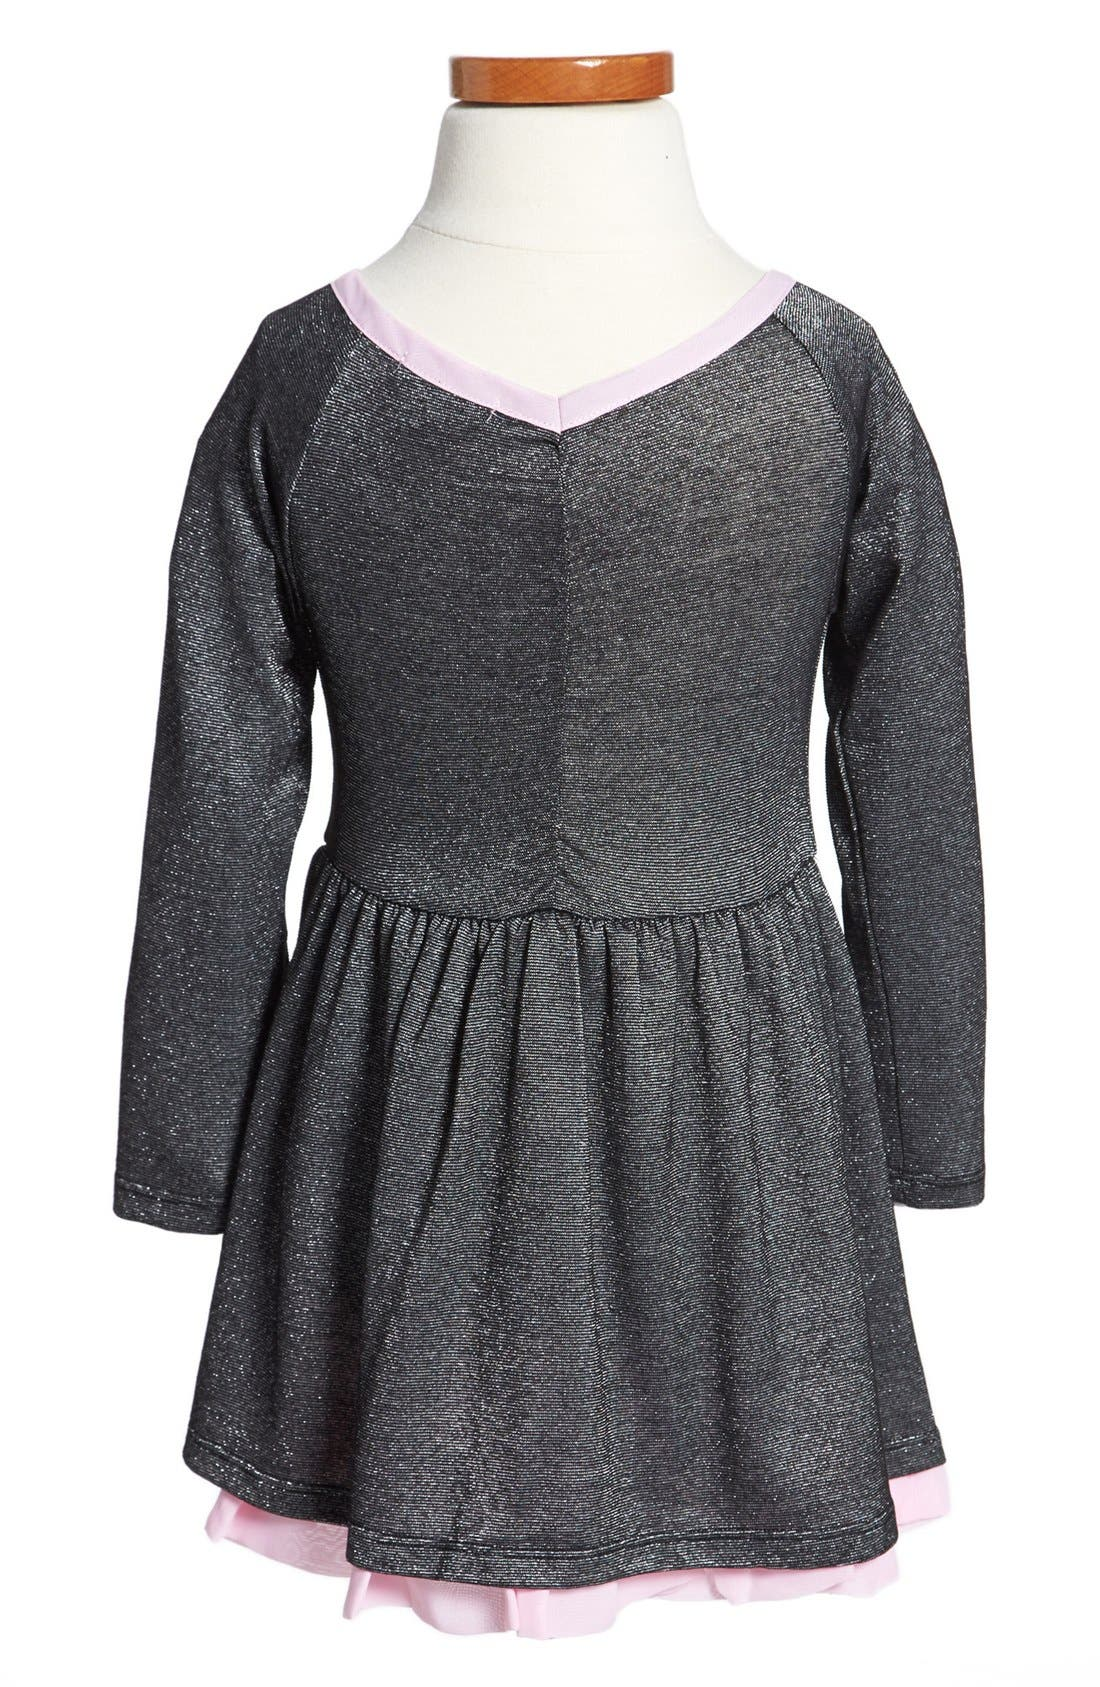 Alternate Image 2  - Splendid Ballerina Dress (Toddler Girls)